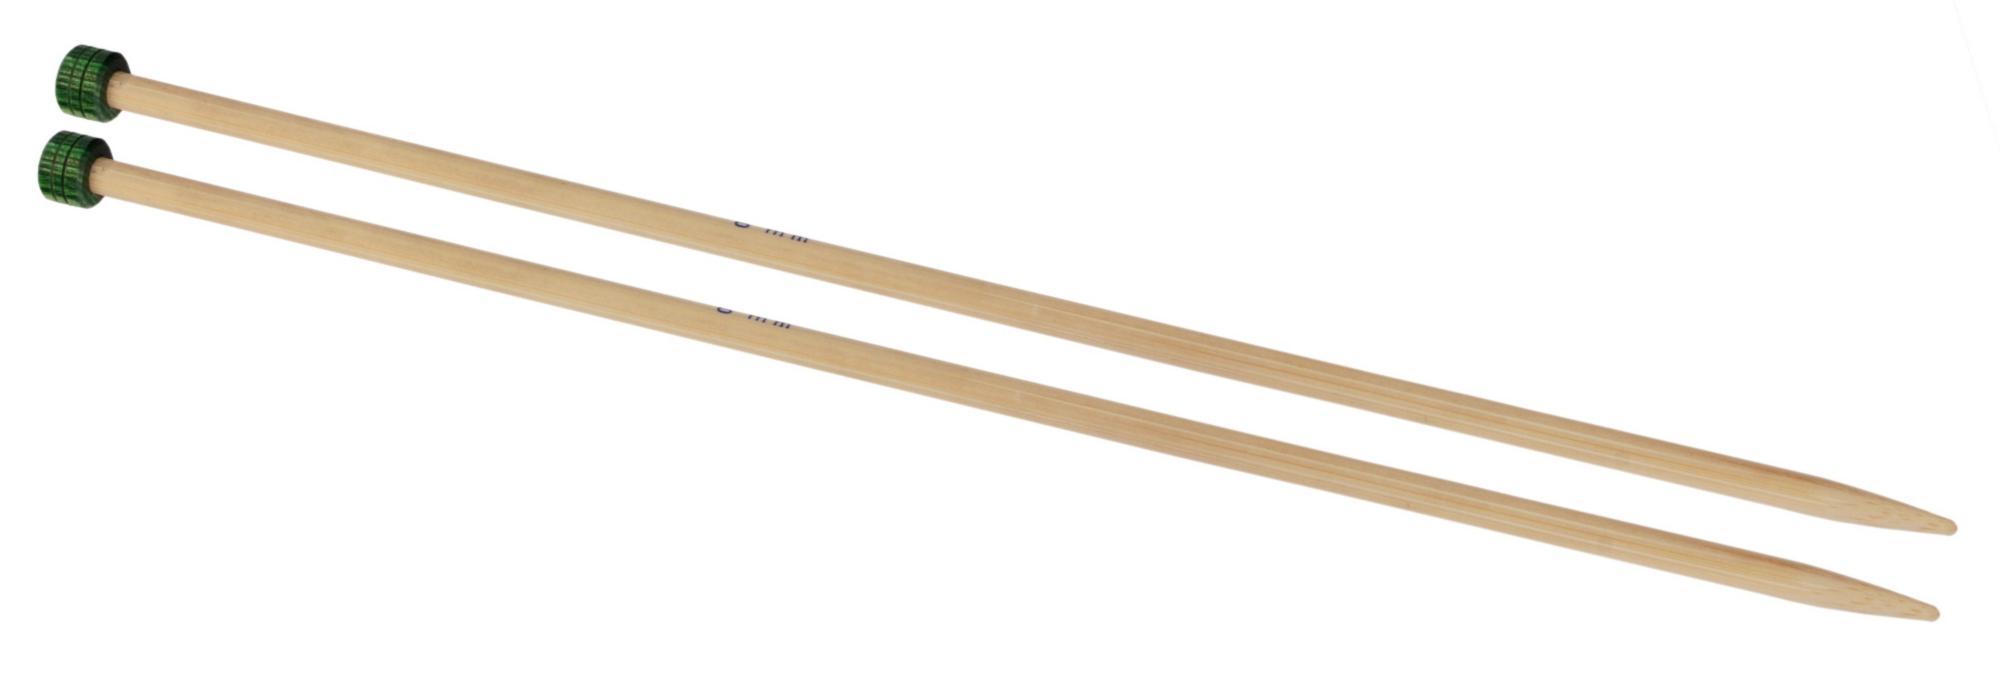 Спицы прямые 30 см Bamboo KnitPro, 22333, 7.00 мм